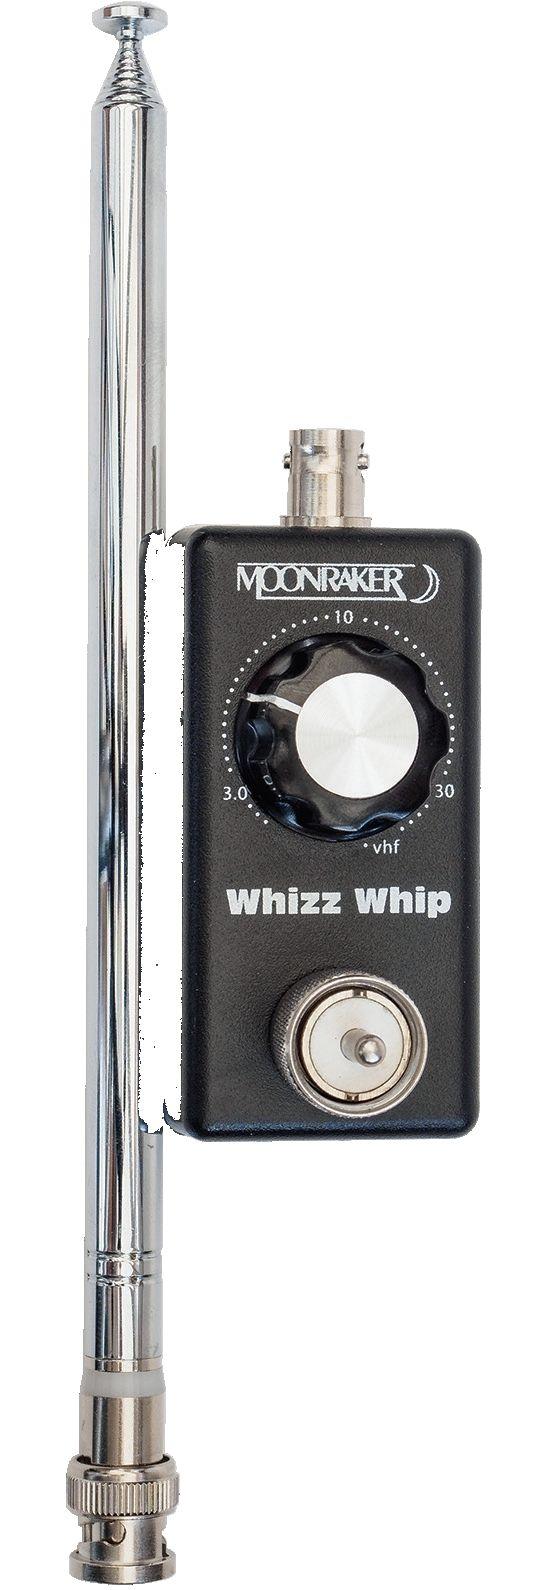 Die Moonraker Whizz Whip QRP ist eine echte mini QRP Antenne, abstimmbar für Frequenzen von 80m bis 70cm Band und max. 10 Watt Sendeleistung. Sie ist aber auch eine ideale Kurzwellen Empfangsantenne für Weltempfänger, Funkscanner, Breitbandempfänger, etc.Sendeseitig  für 3,5 bis 450 MHz und max. 10 WattEmpfangsseitig  für 60 kHz bis 500 MHz - Abstimmung durch Einstellen des besten Ergebnisses (S-Meter bzw. Hörergebnis)Geliefert wird die Moonraker Whizz Whipp QRP mit einer BNC...